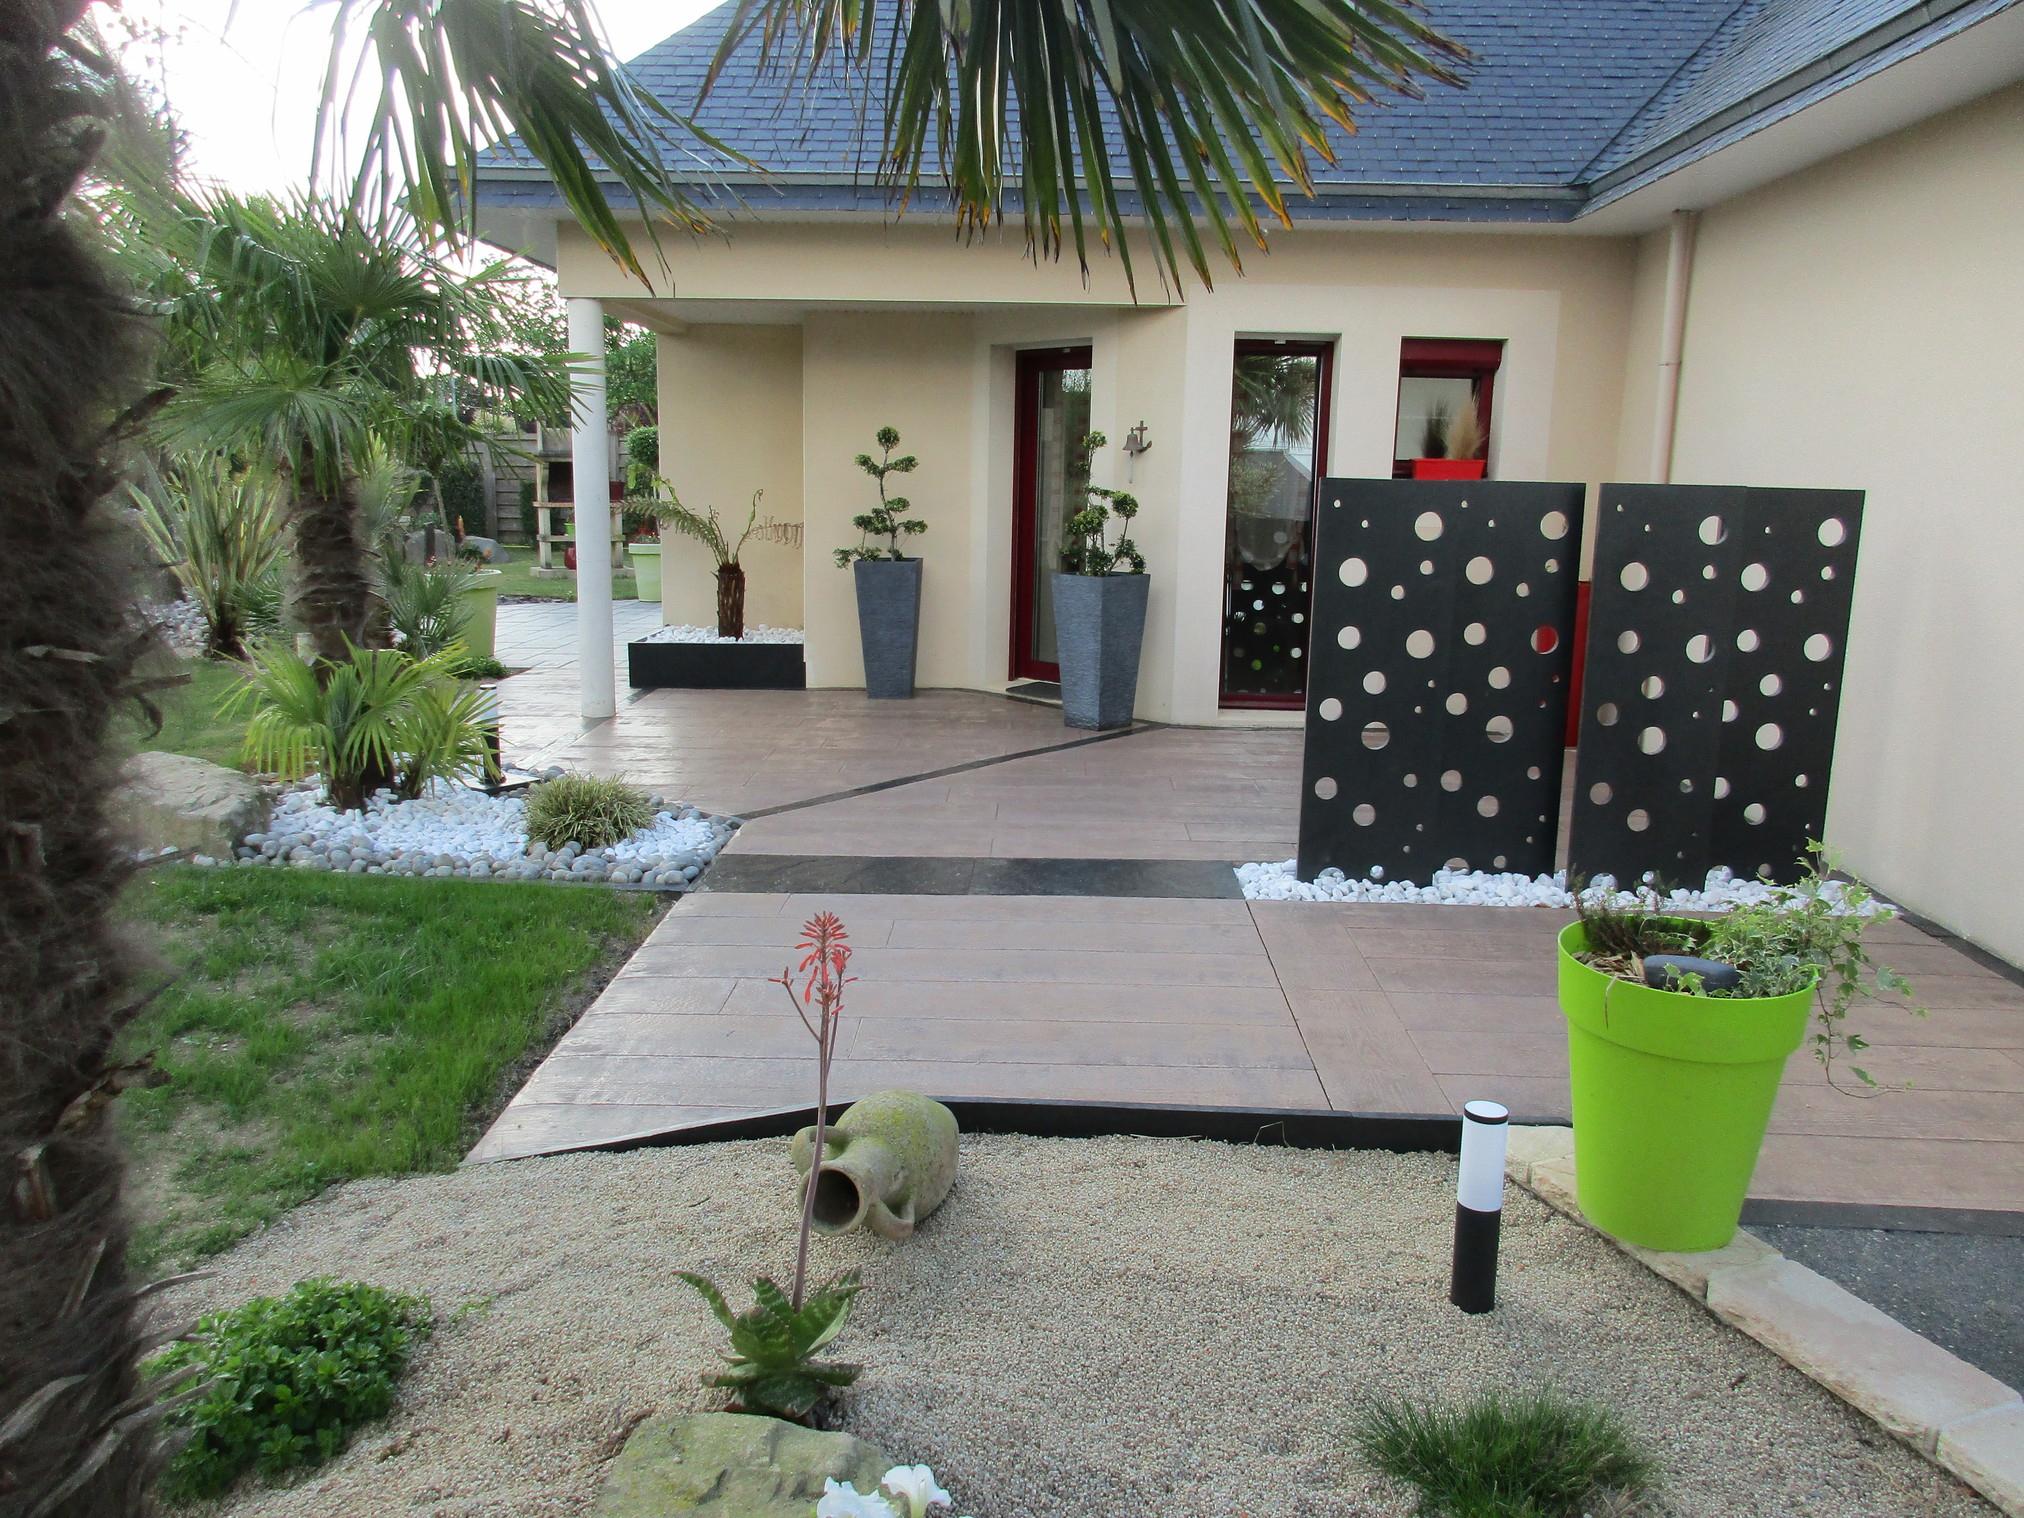 Aménagement Autour D'une Terrasse - Coëtmieux intérieur Amenagement De Terrasse